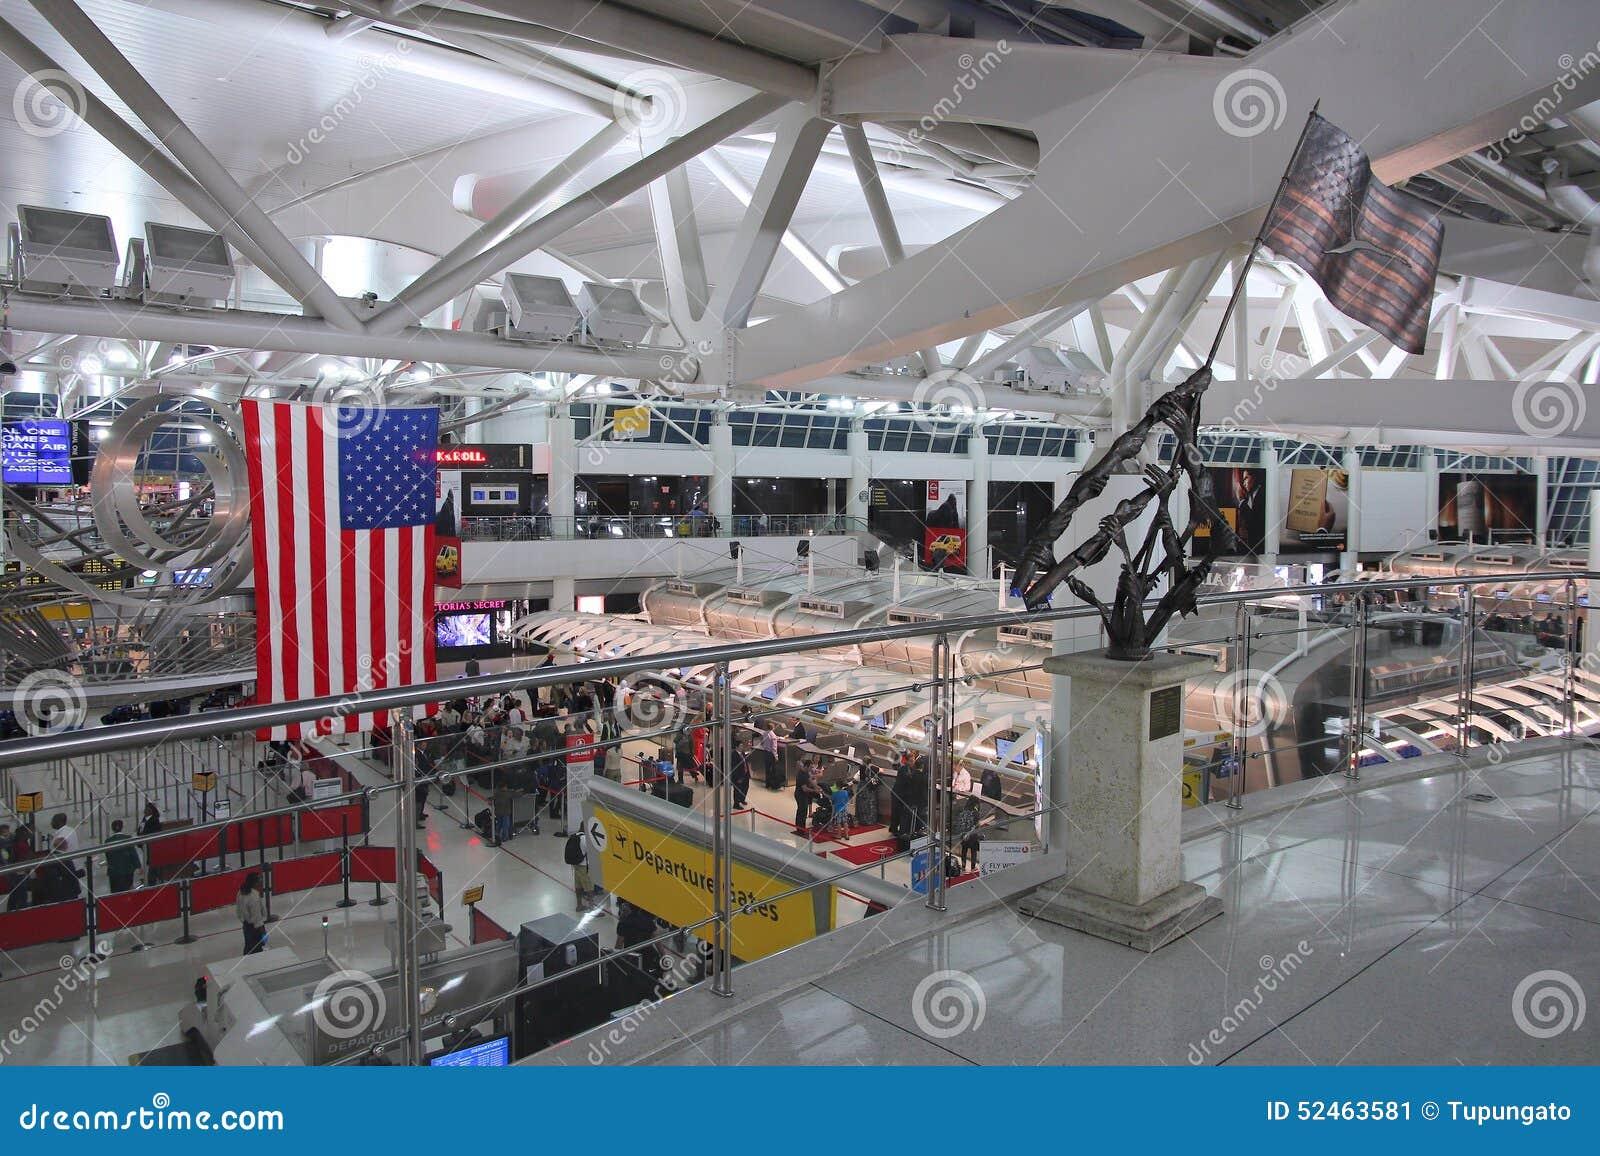 Aeroporto New York Jfk : Aeroporto di new york fotografia editoriale immagine